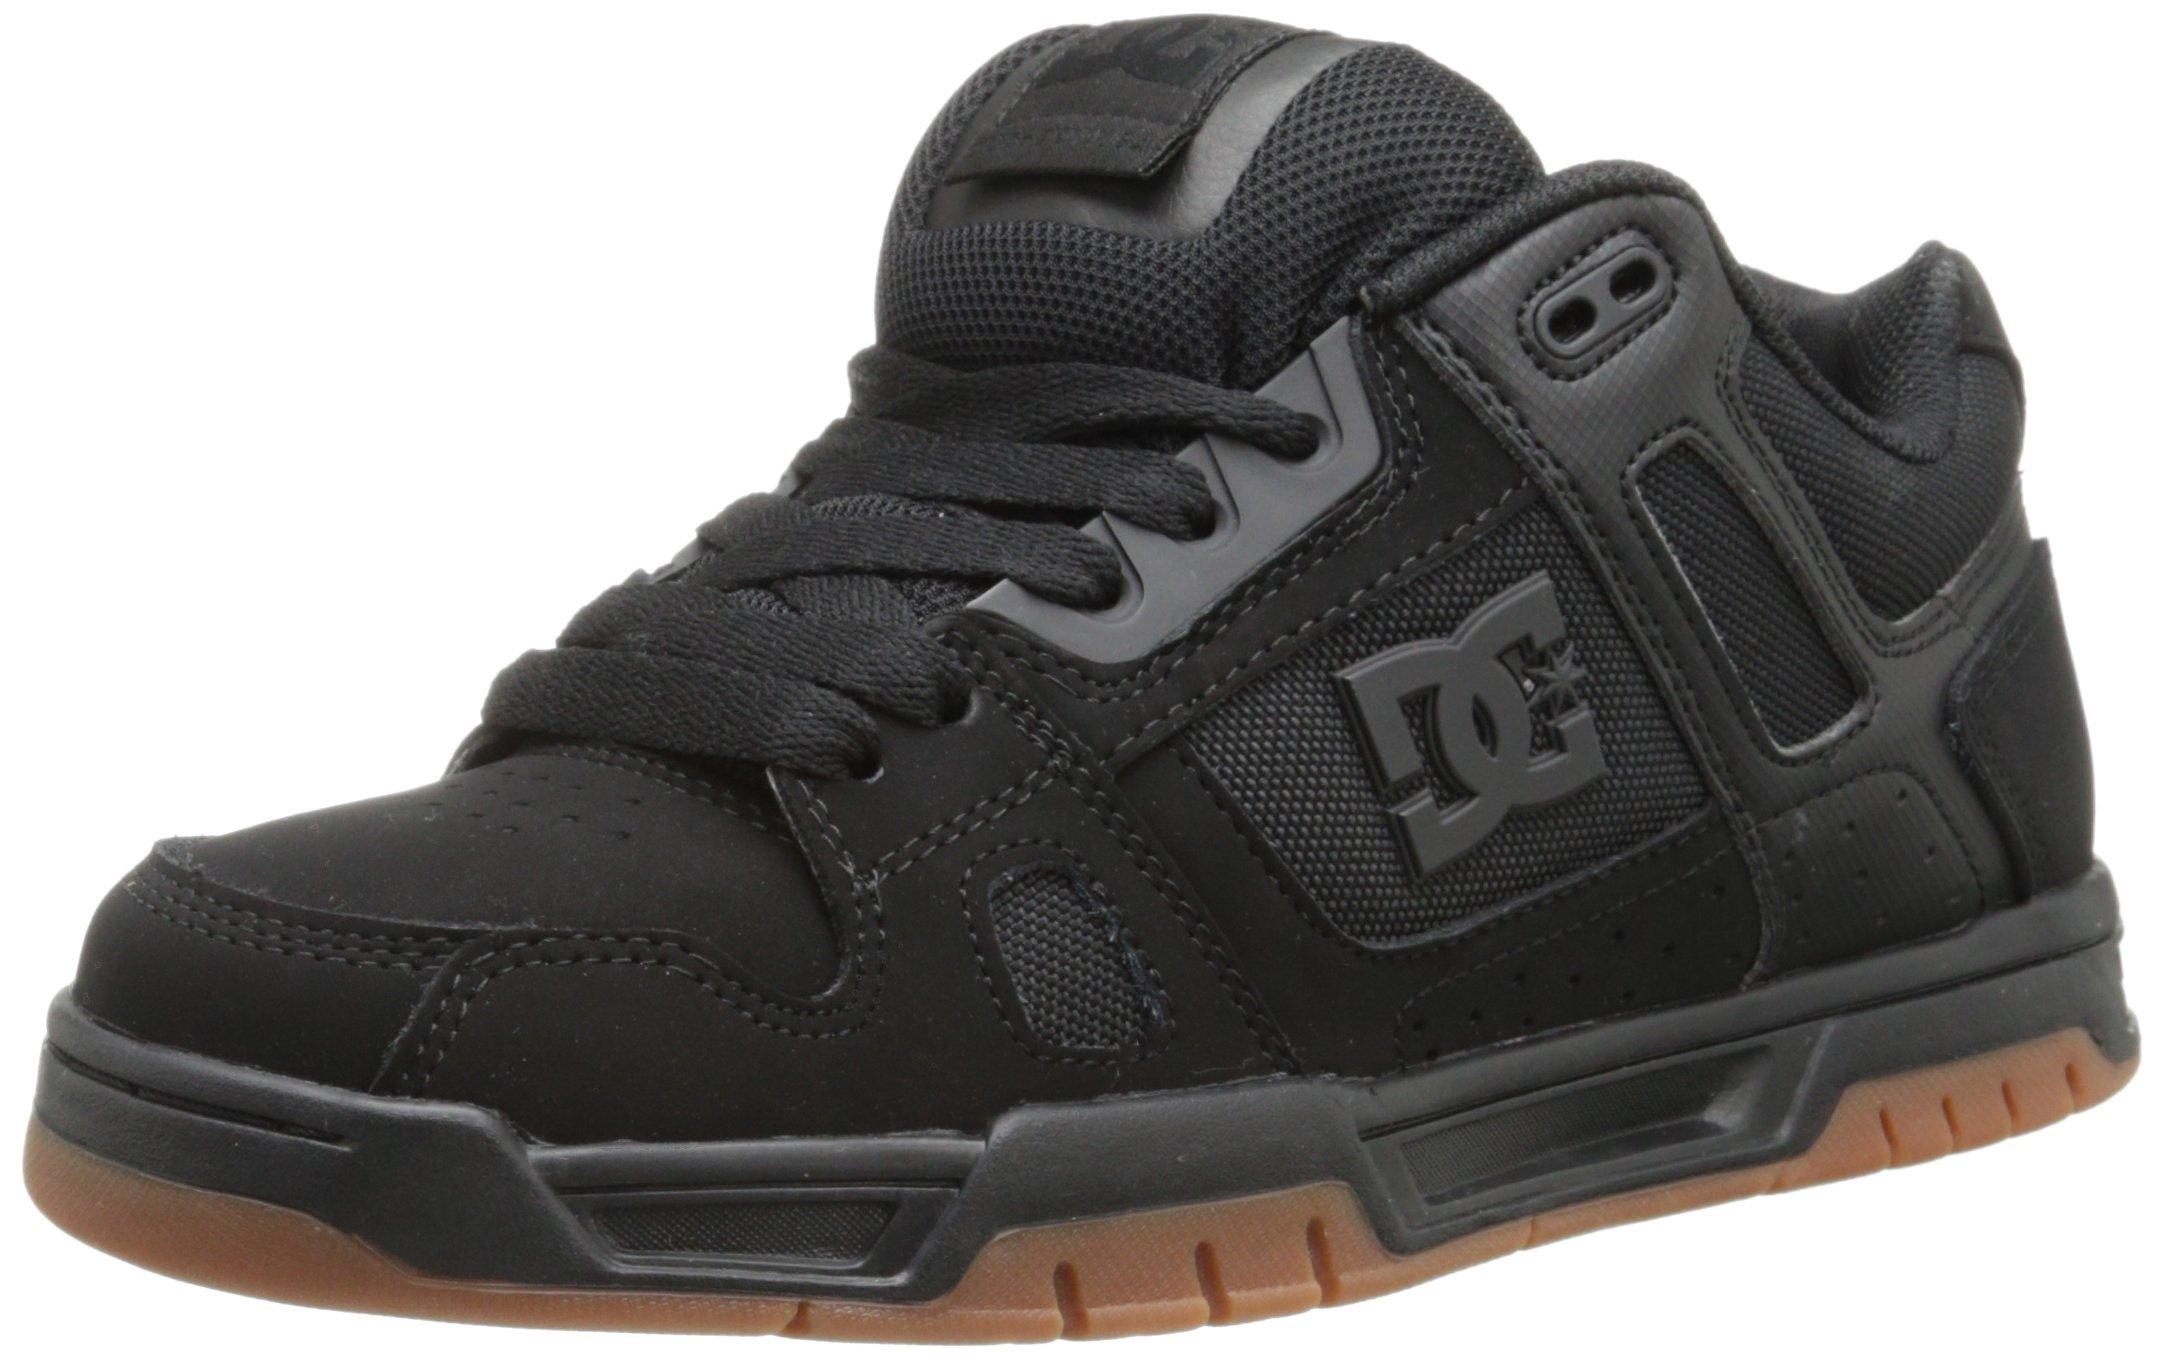 DC Shoes Mens Shoes Stag - Shoes - US 6 - Black Black/Gum US 6 / UK 5 / EU 38